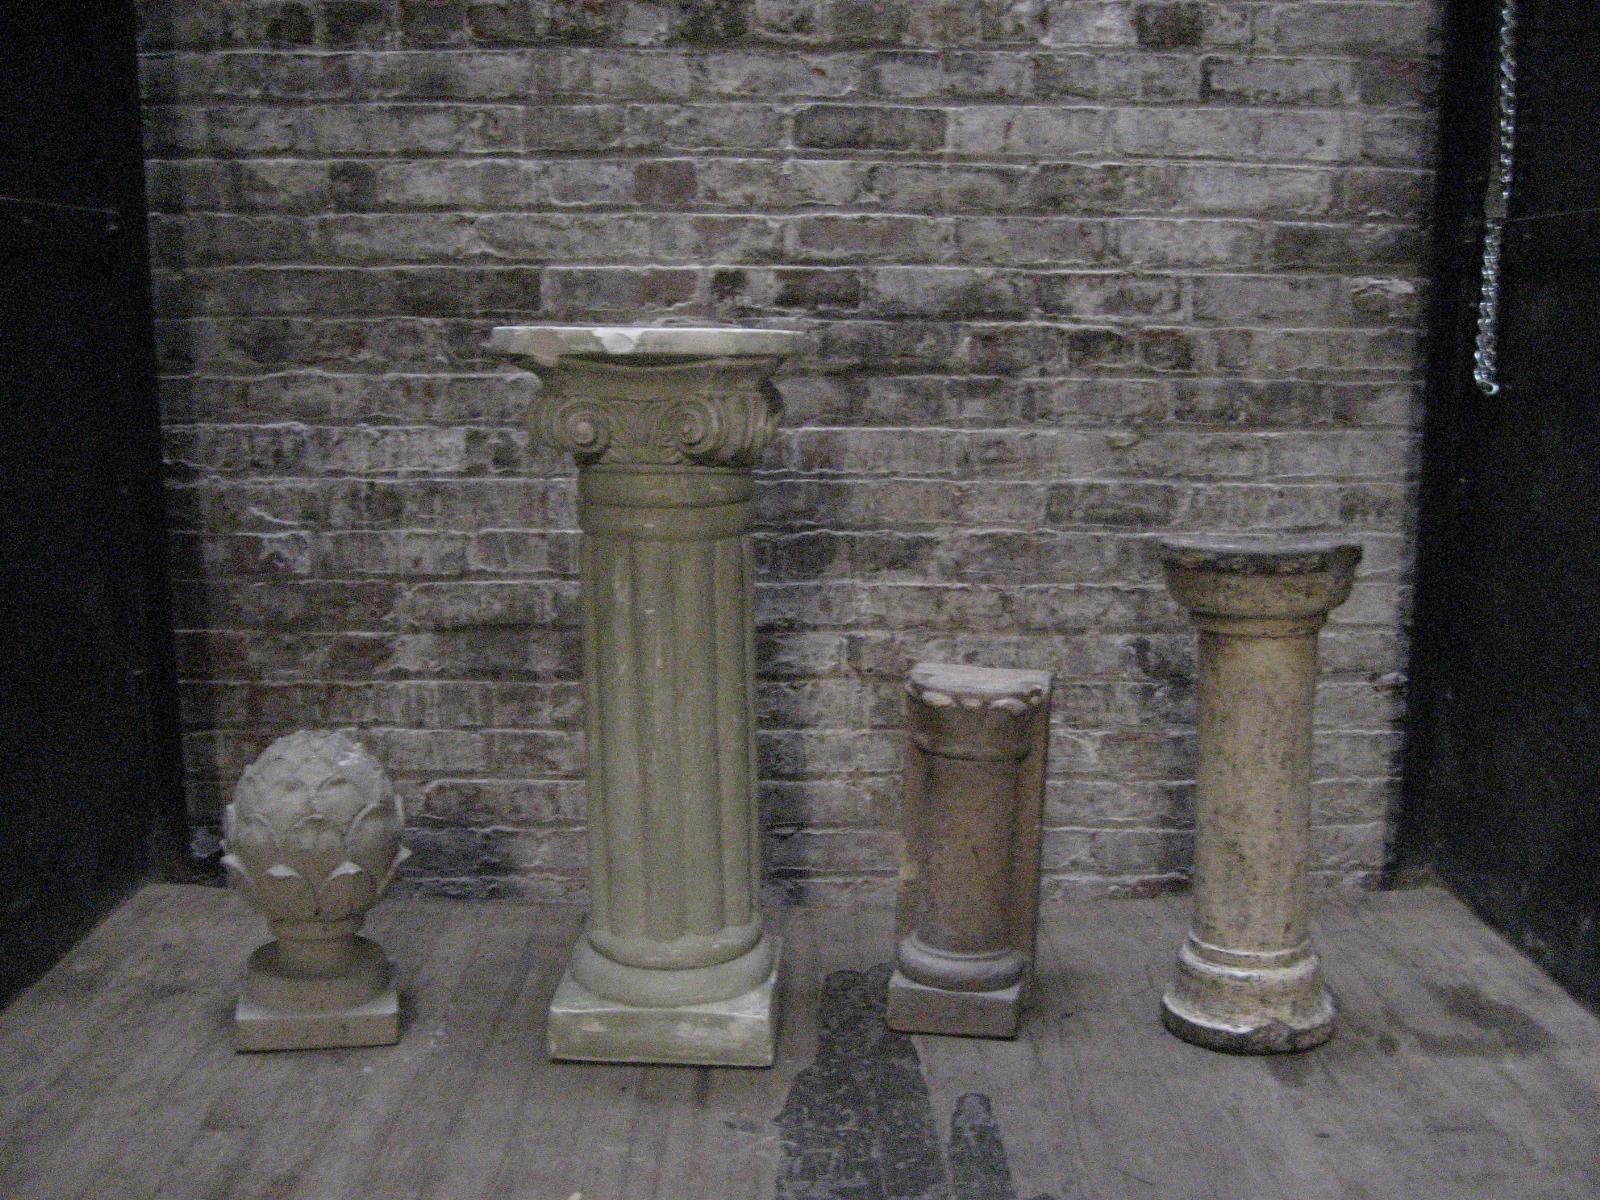 column assortment